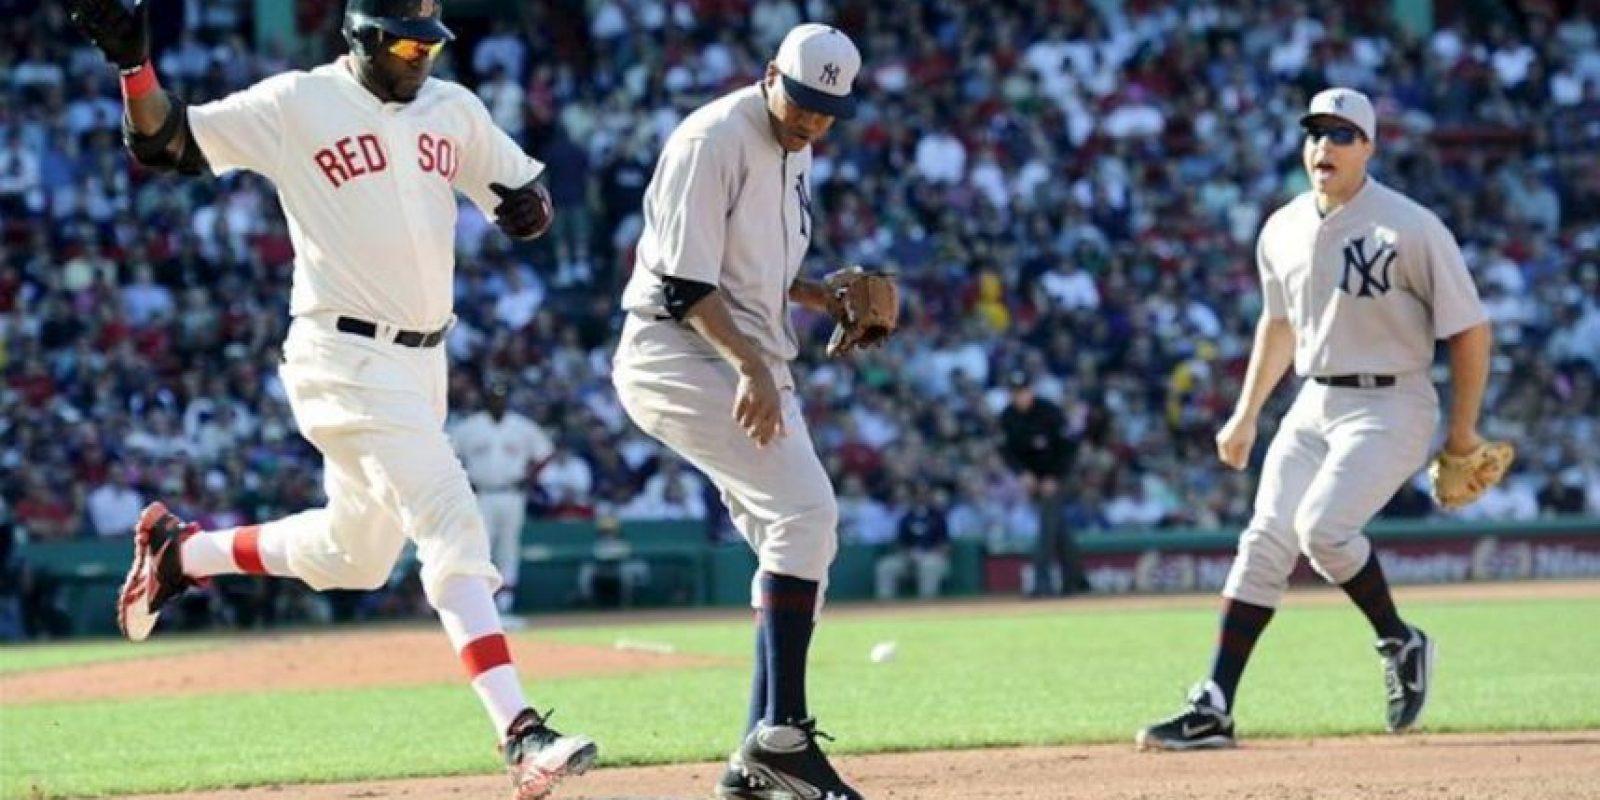 El jugador de los Medias Rojas de Boston David Ortiz (i) durante un juego de la MLB ante Ivan Nova (c) de los Yanquis de Nueva York, en el Fenway Park en Boston, Massachusetts. EFE